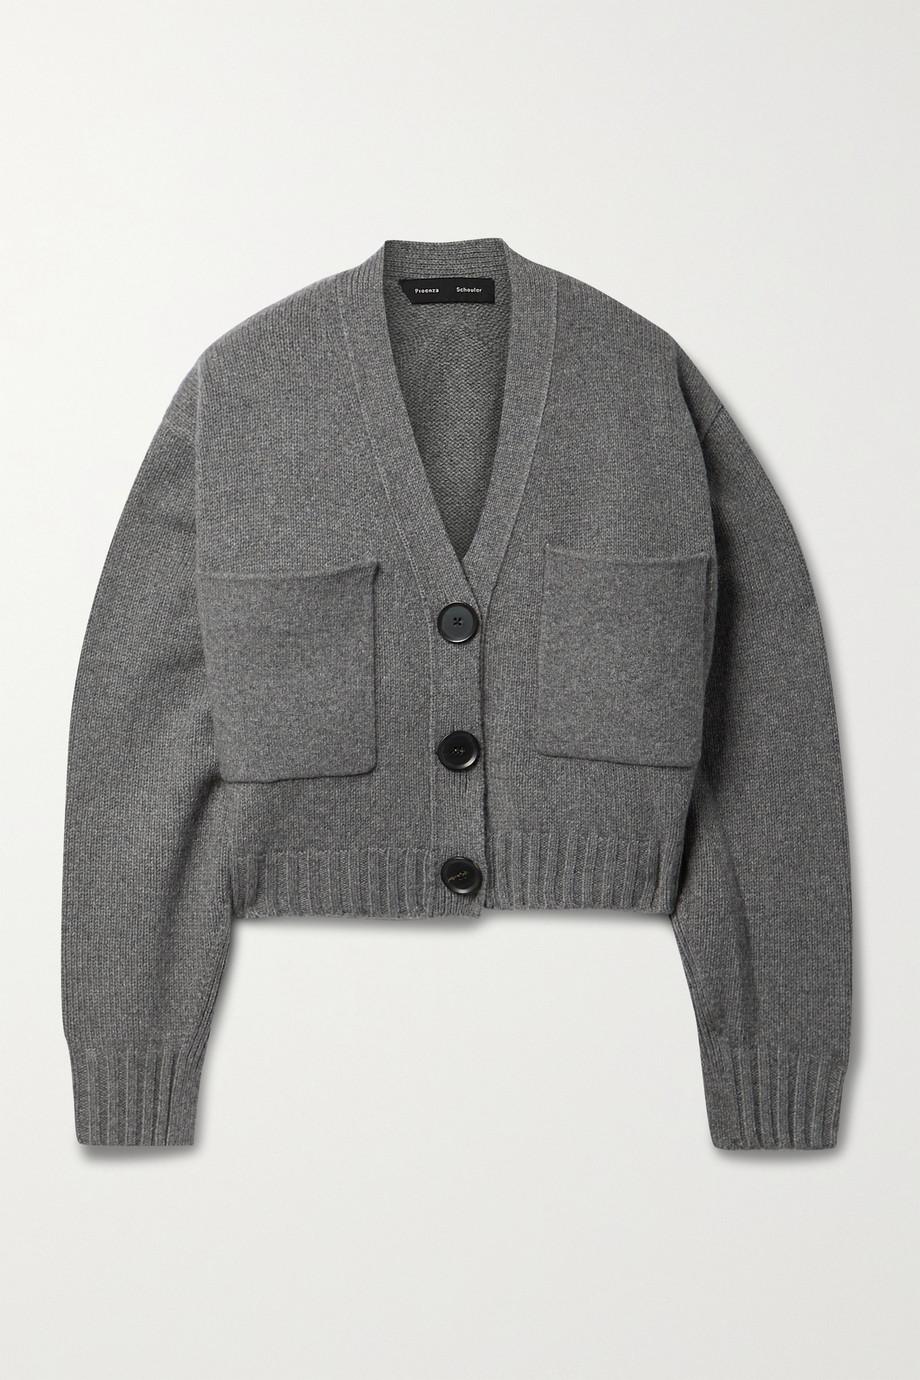 Proenza Schouler Cropped cashmere-blend cardigan